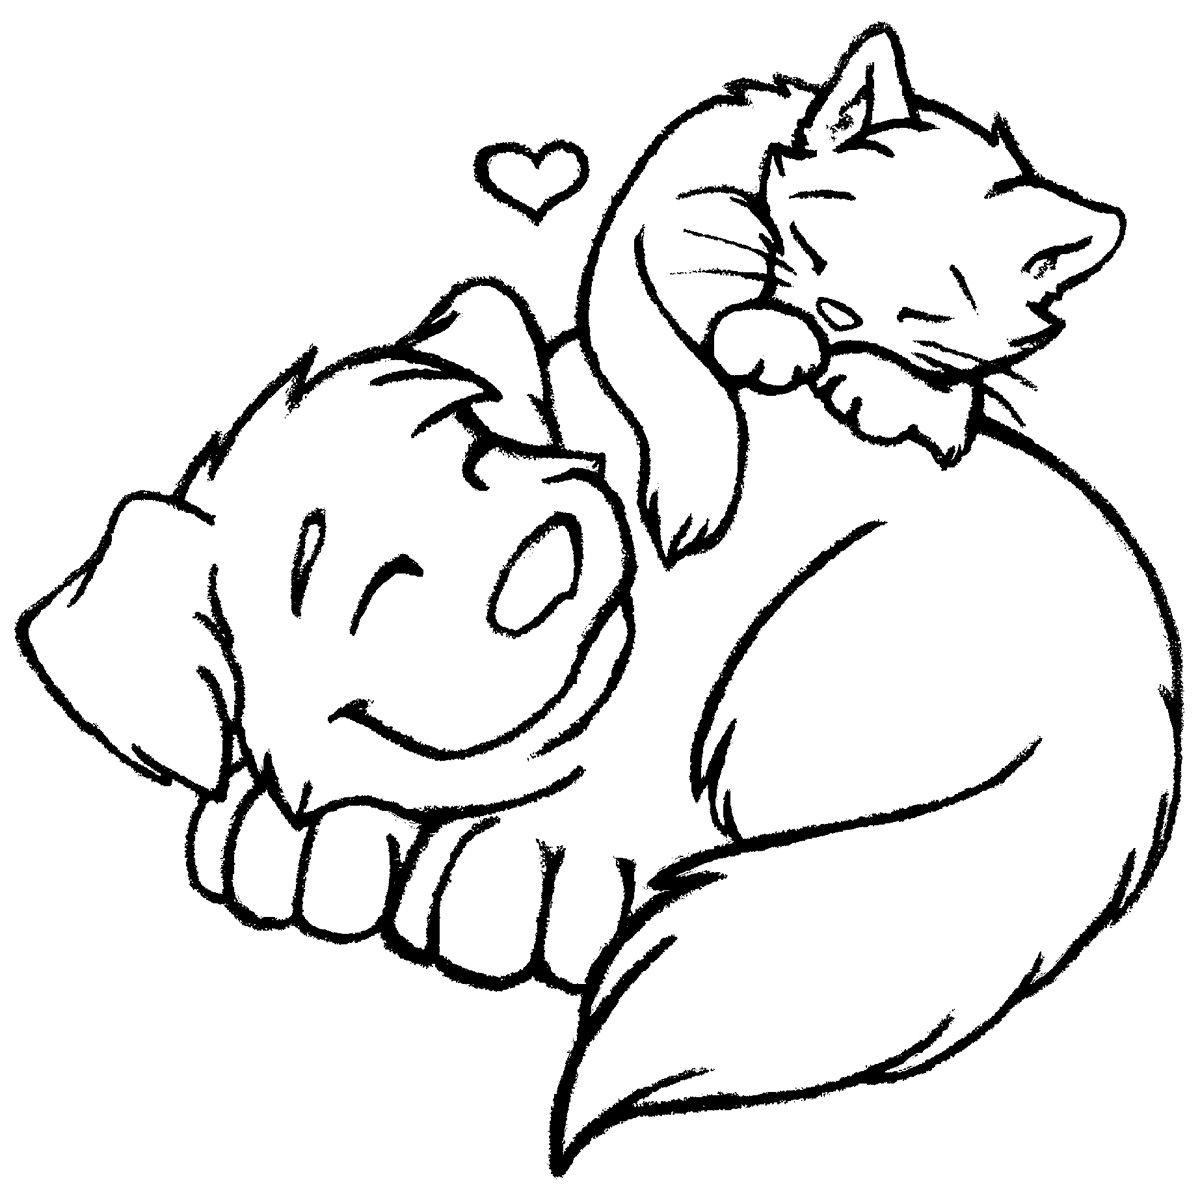 Cat Dog Friends Ausmalbilder Niedliche Zeichnungen Zeichnungen